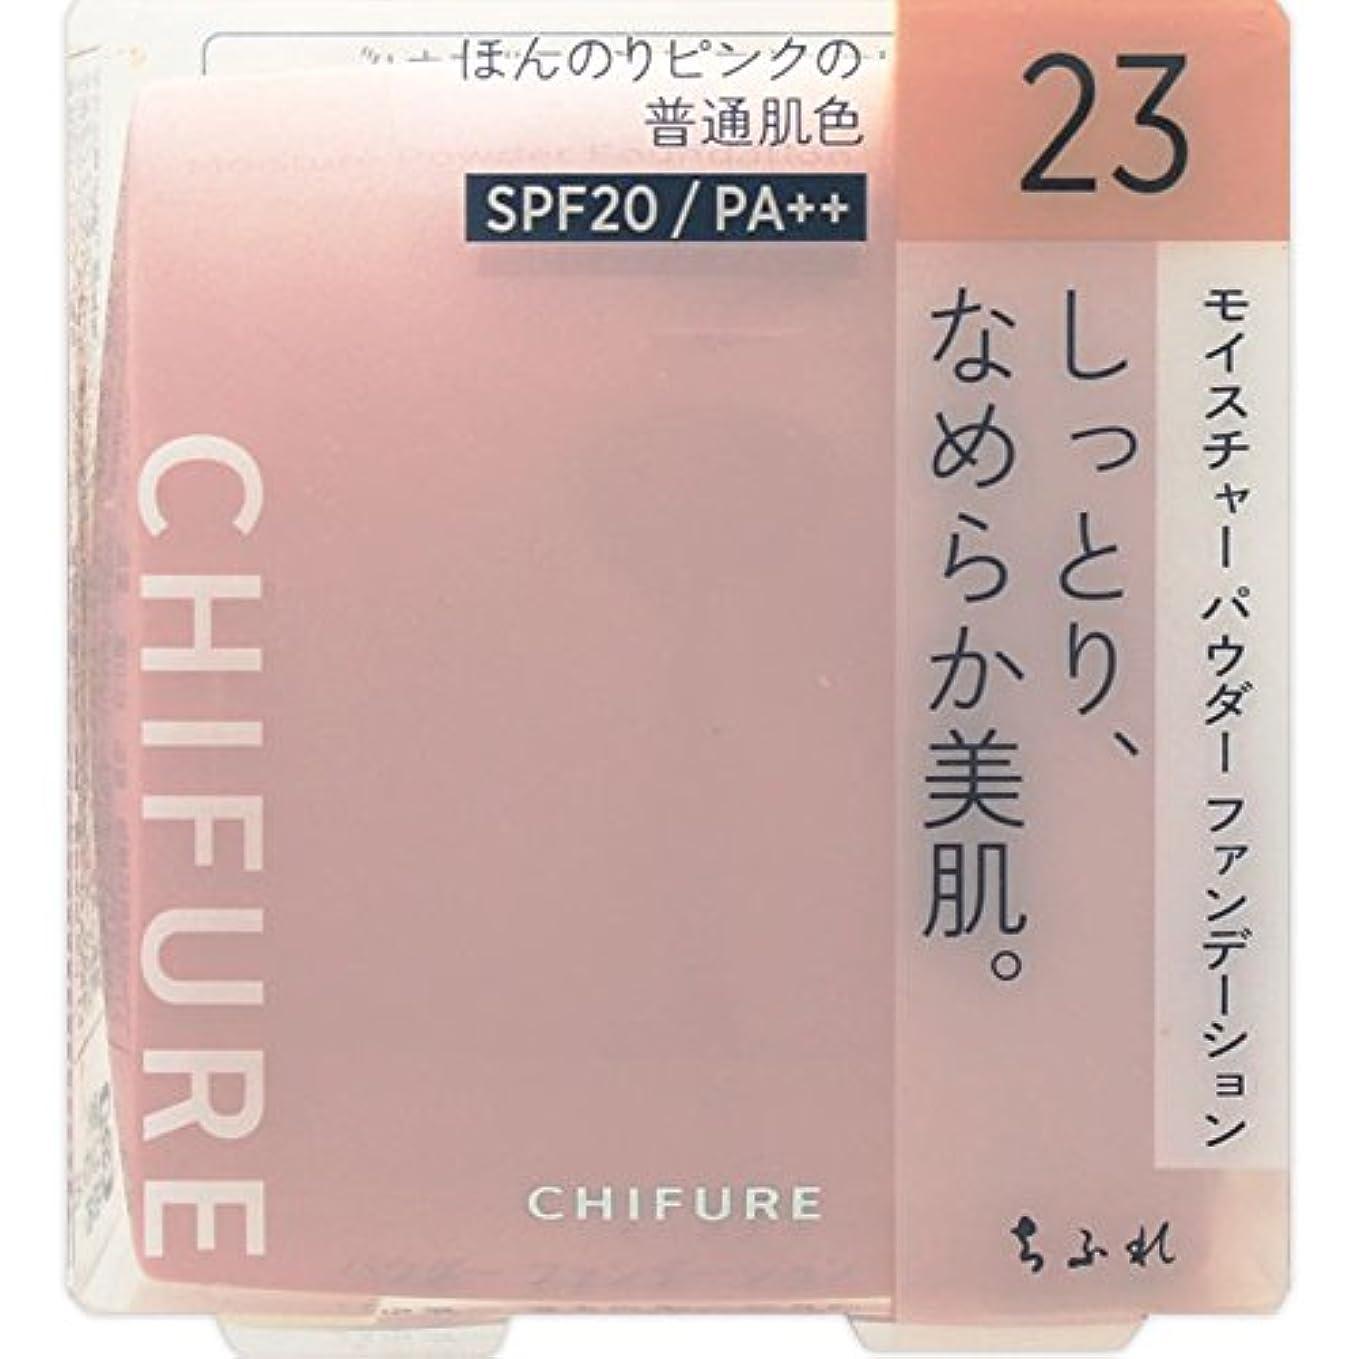 大統領入力不完全ちふれ化粧品 モイスチャー パウダーファンデーション(スポンジ入り) 23 ピンクオークル系 MパウダーFD23